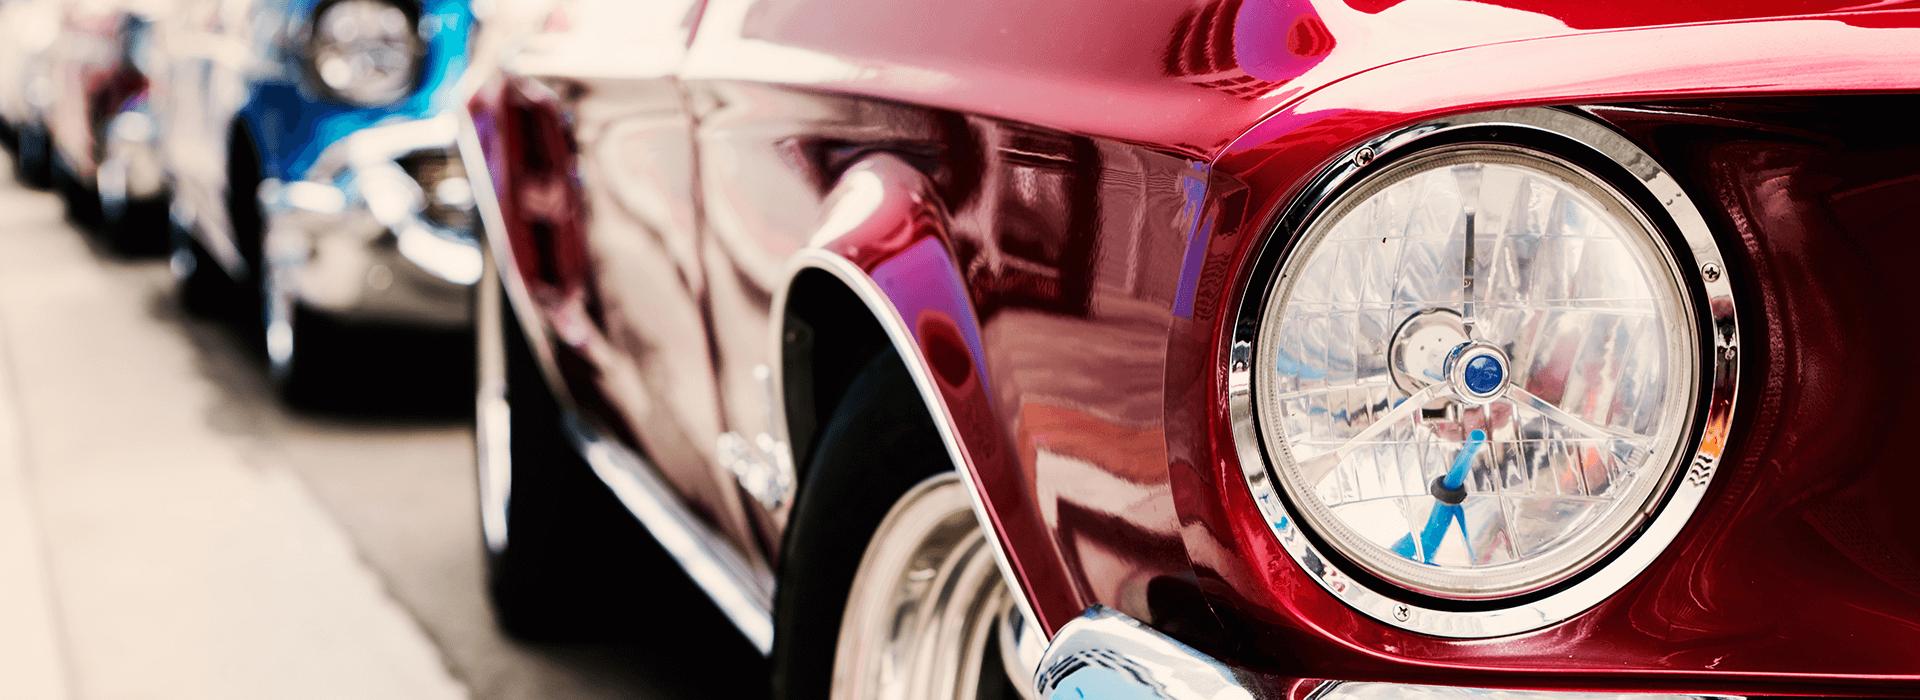 pieces-americancars-hoeilaart